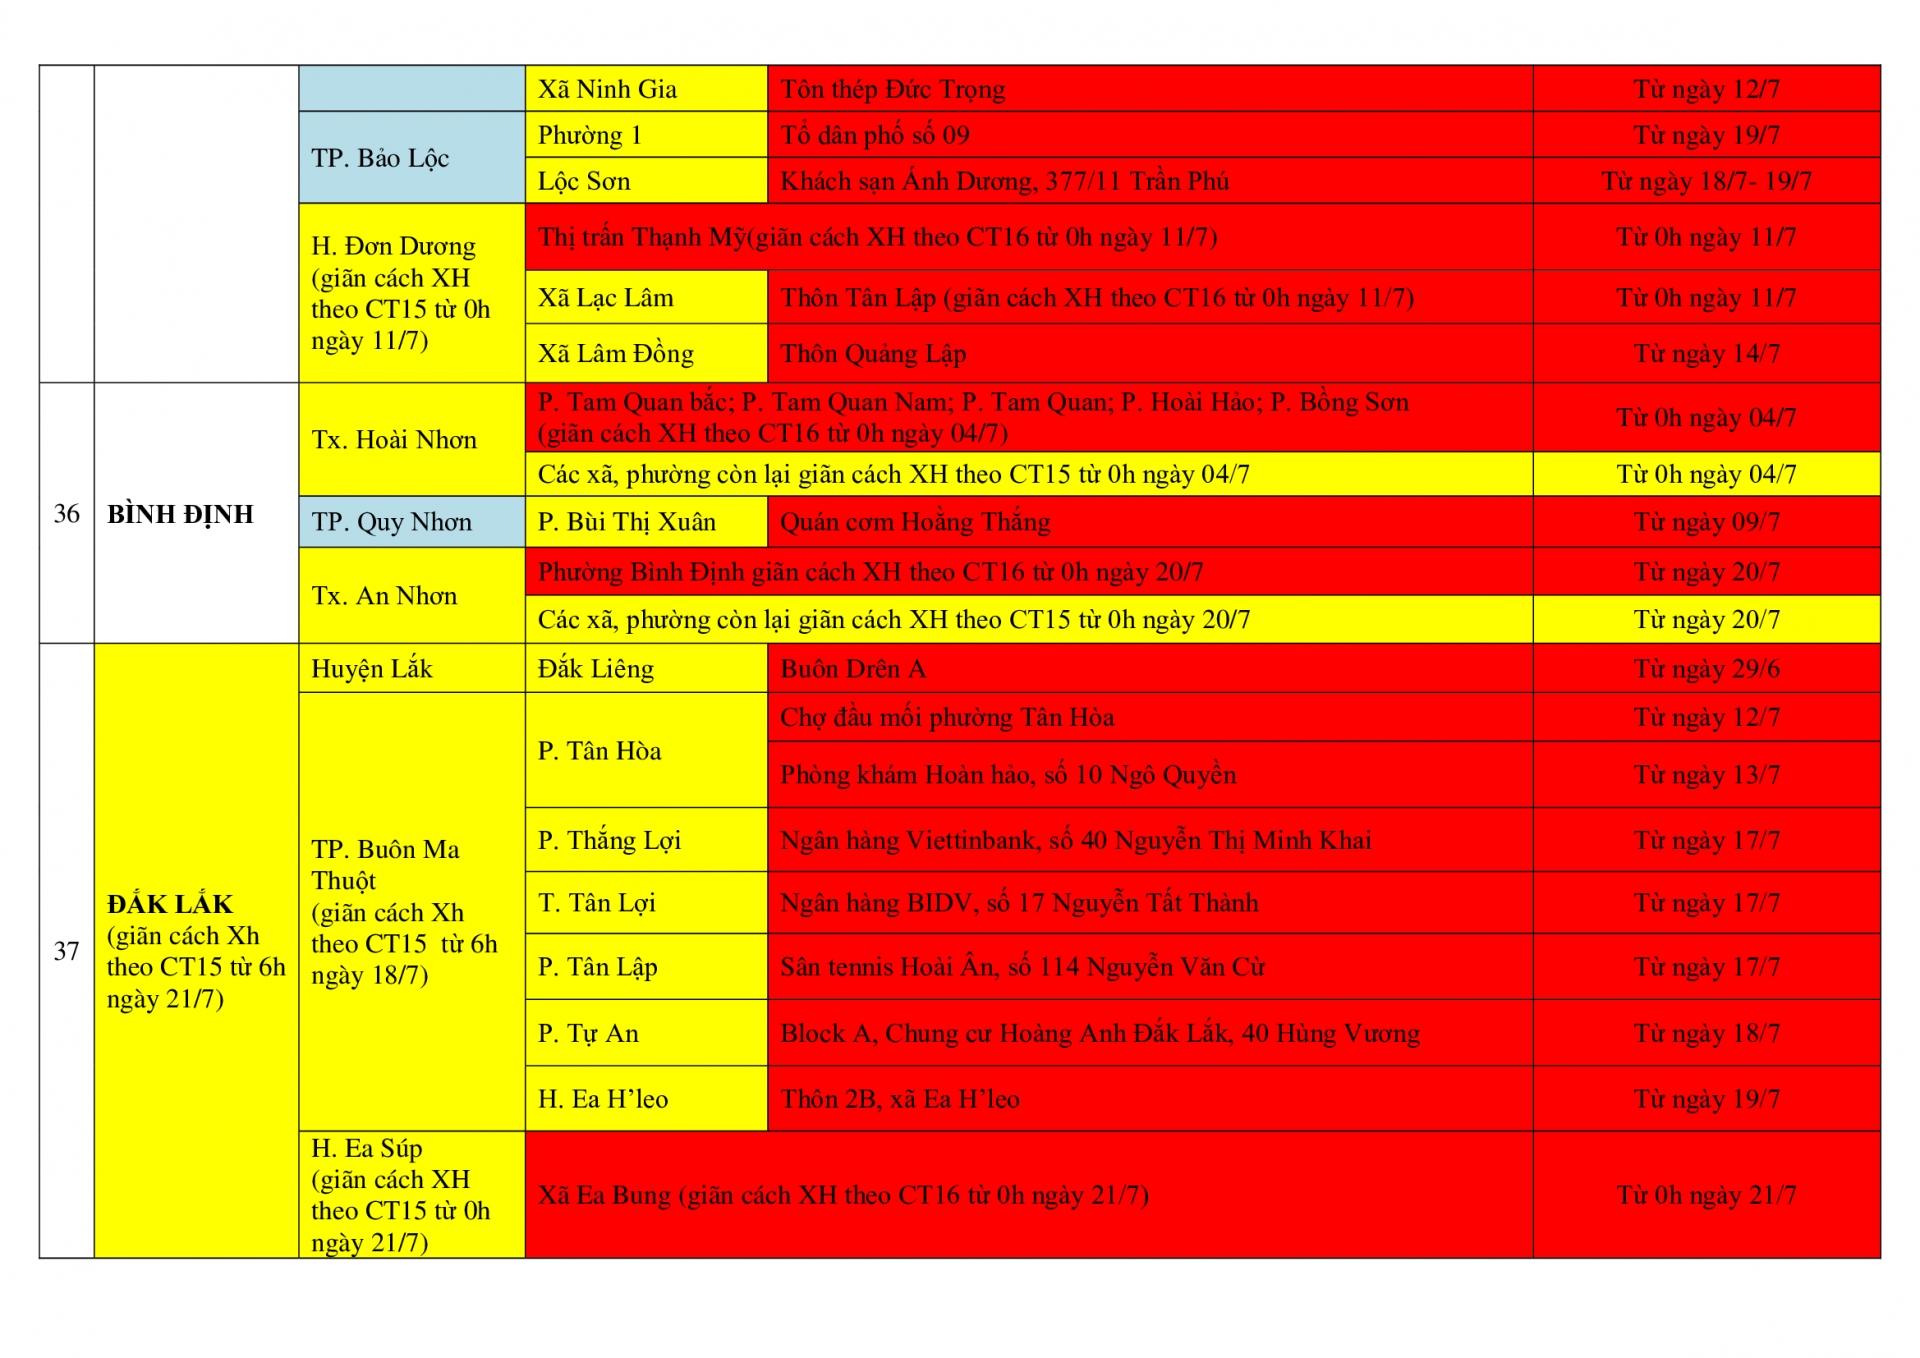 DANH SÁCH CẬP NHẬT Ổ DỊCH COVID-19 TẠI CÁC TỈNH CÓ CA LÂY NHIỄM  TRONG CỘNG ĐỒNG CHƯA QUA 14 NGÀY(19h ngày 23/7/2021)